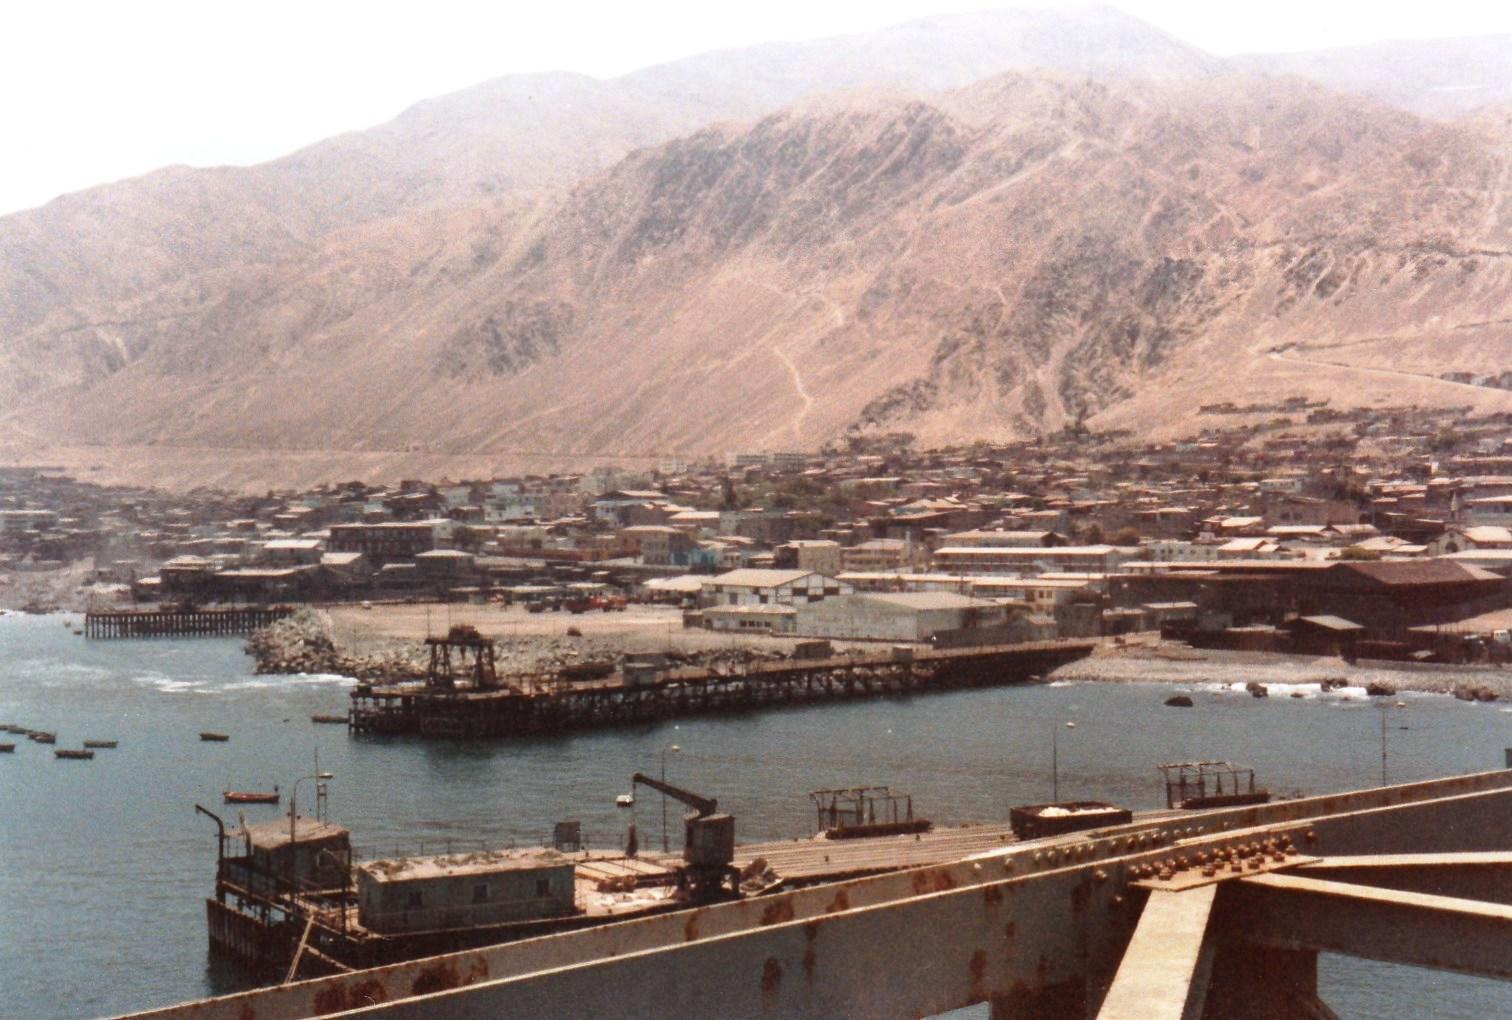 Enterreno - Fotos históricas de chile - fotos antiguas de Chile - Tocopilla en 1982